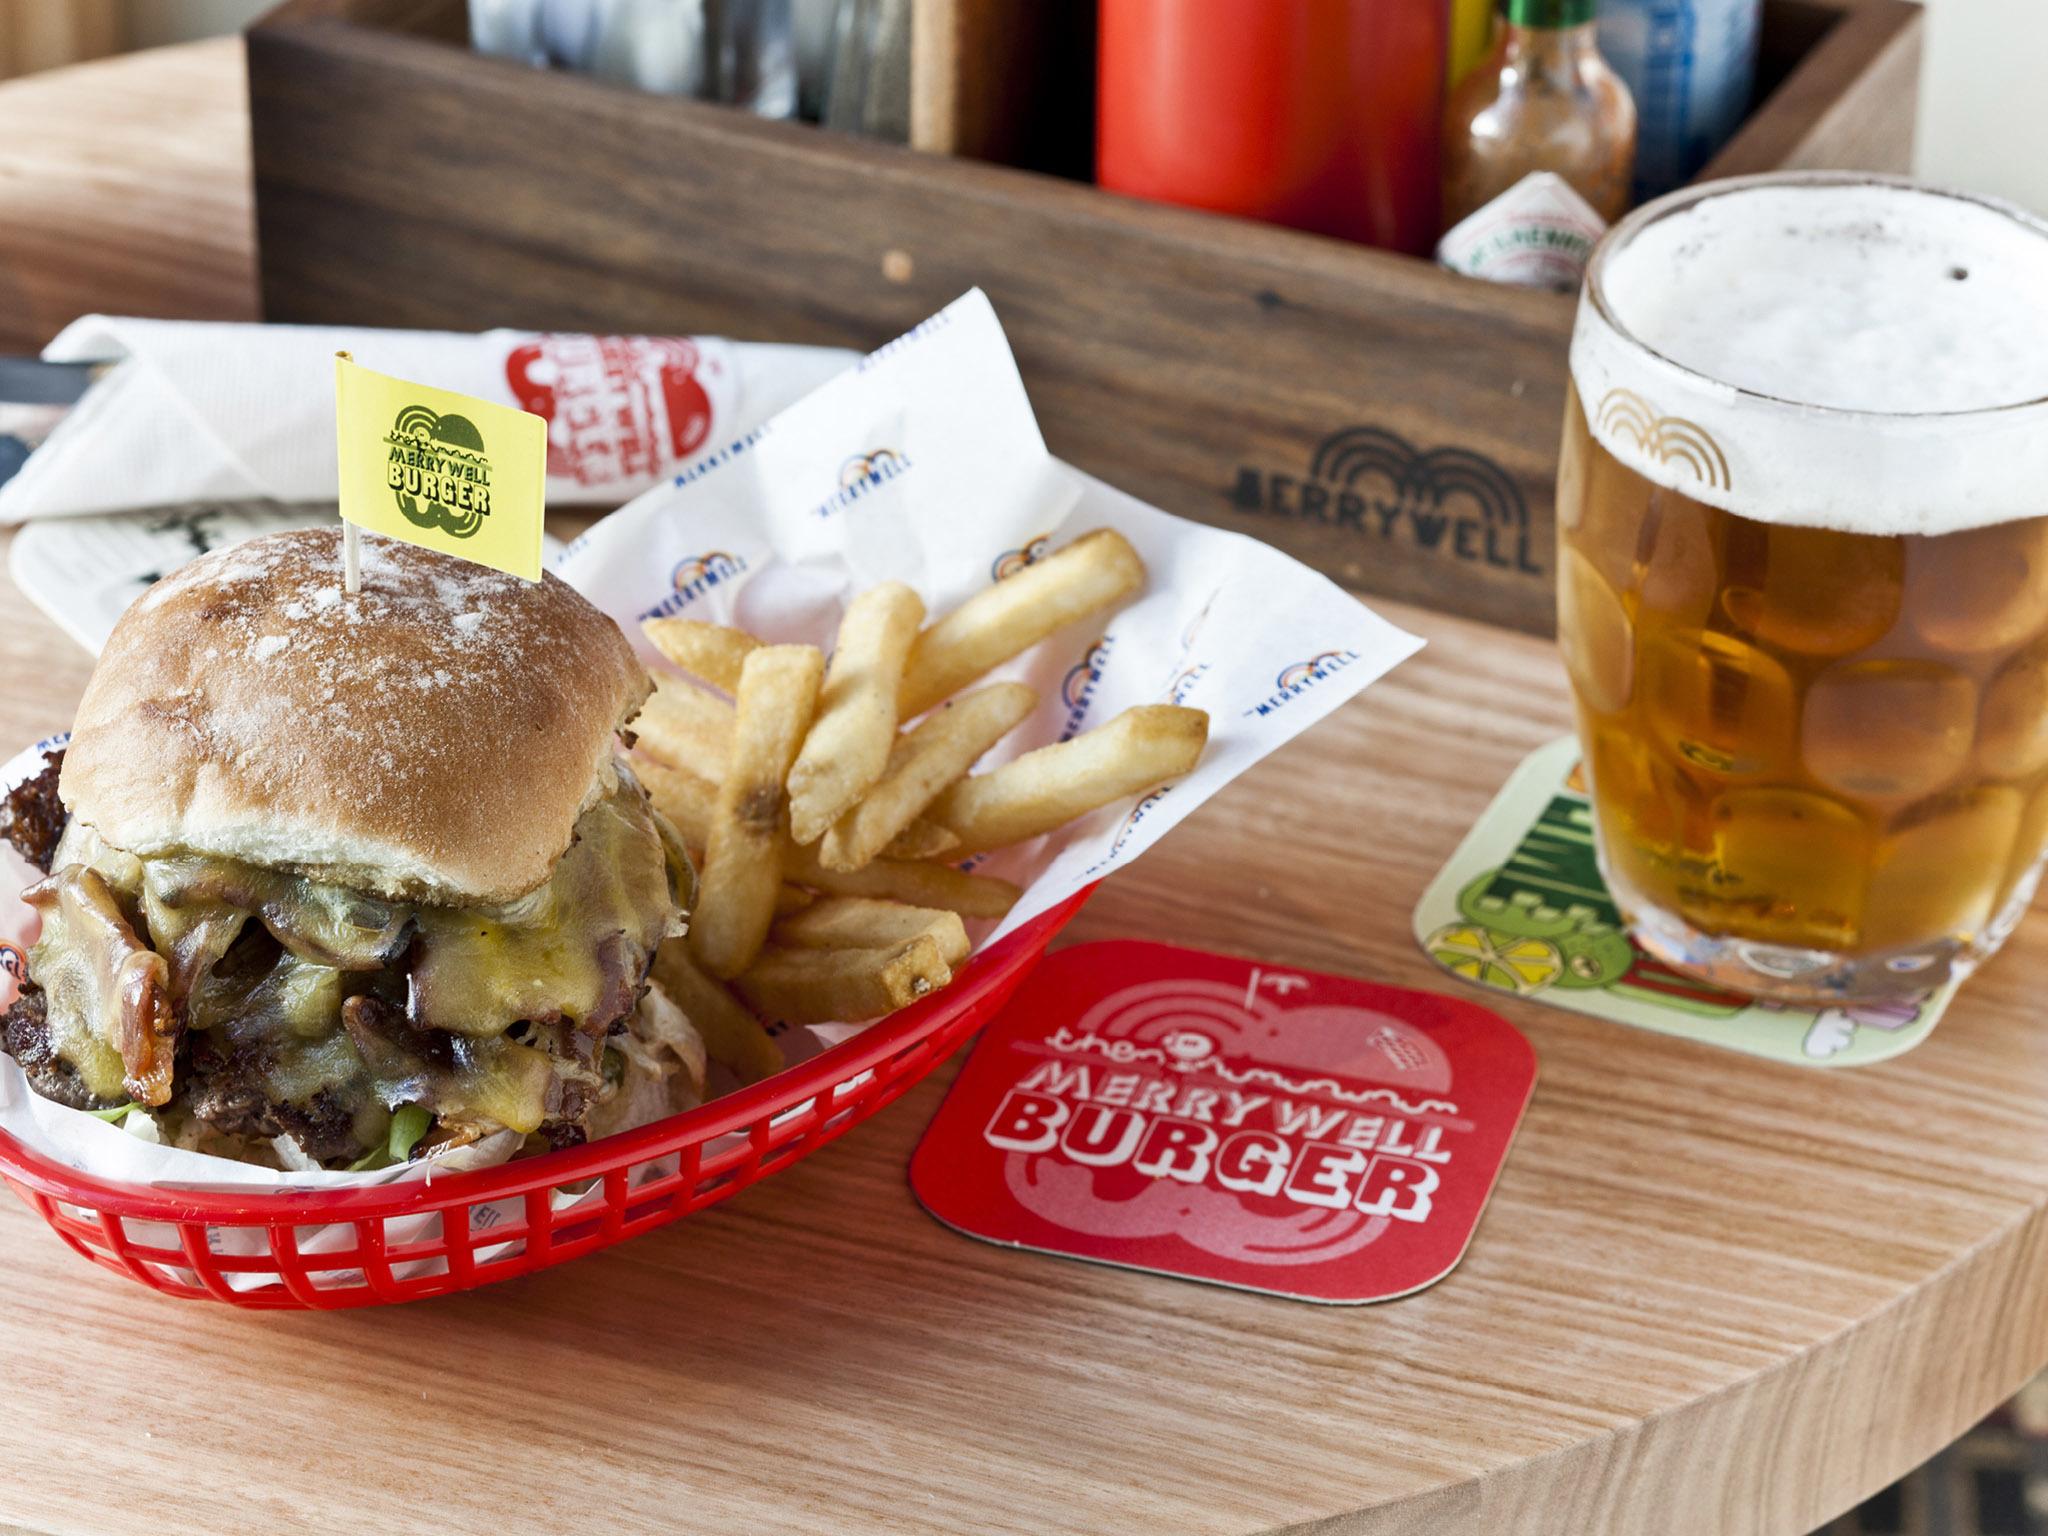 Burgers 'n' Bevvies